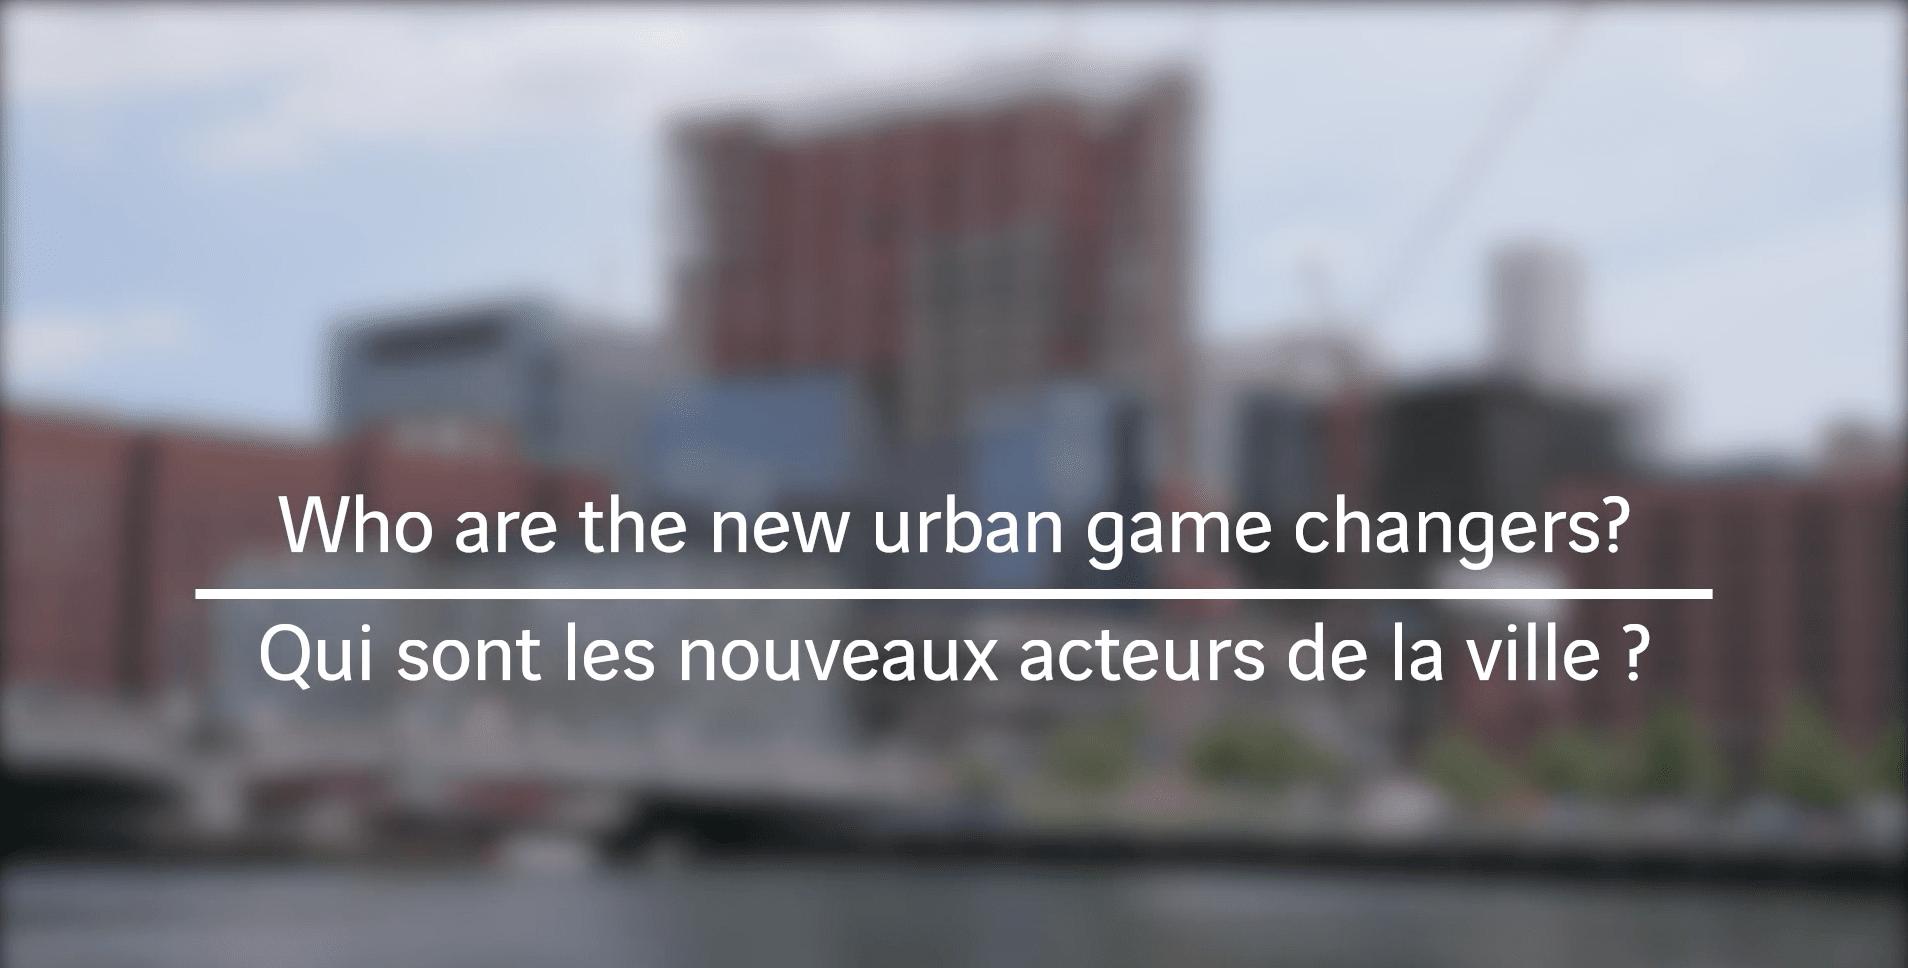 Qui sont les nouveaux acteurs de la ville ?